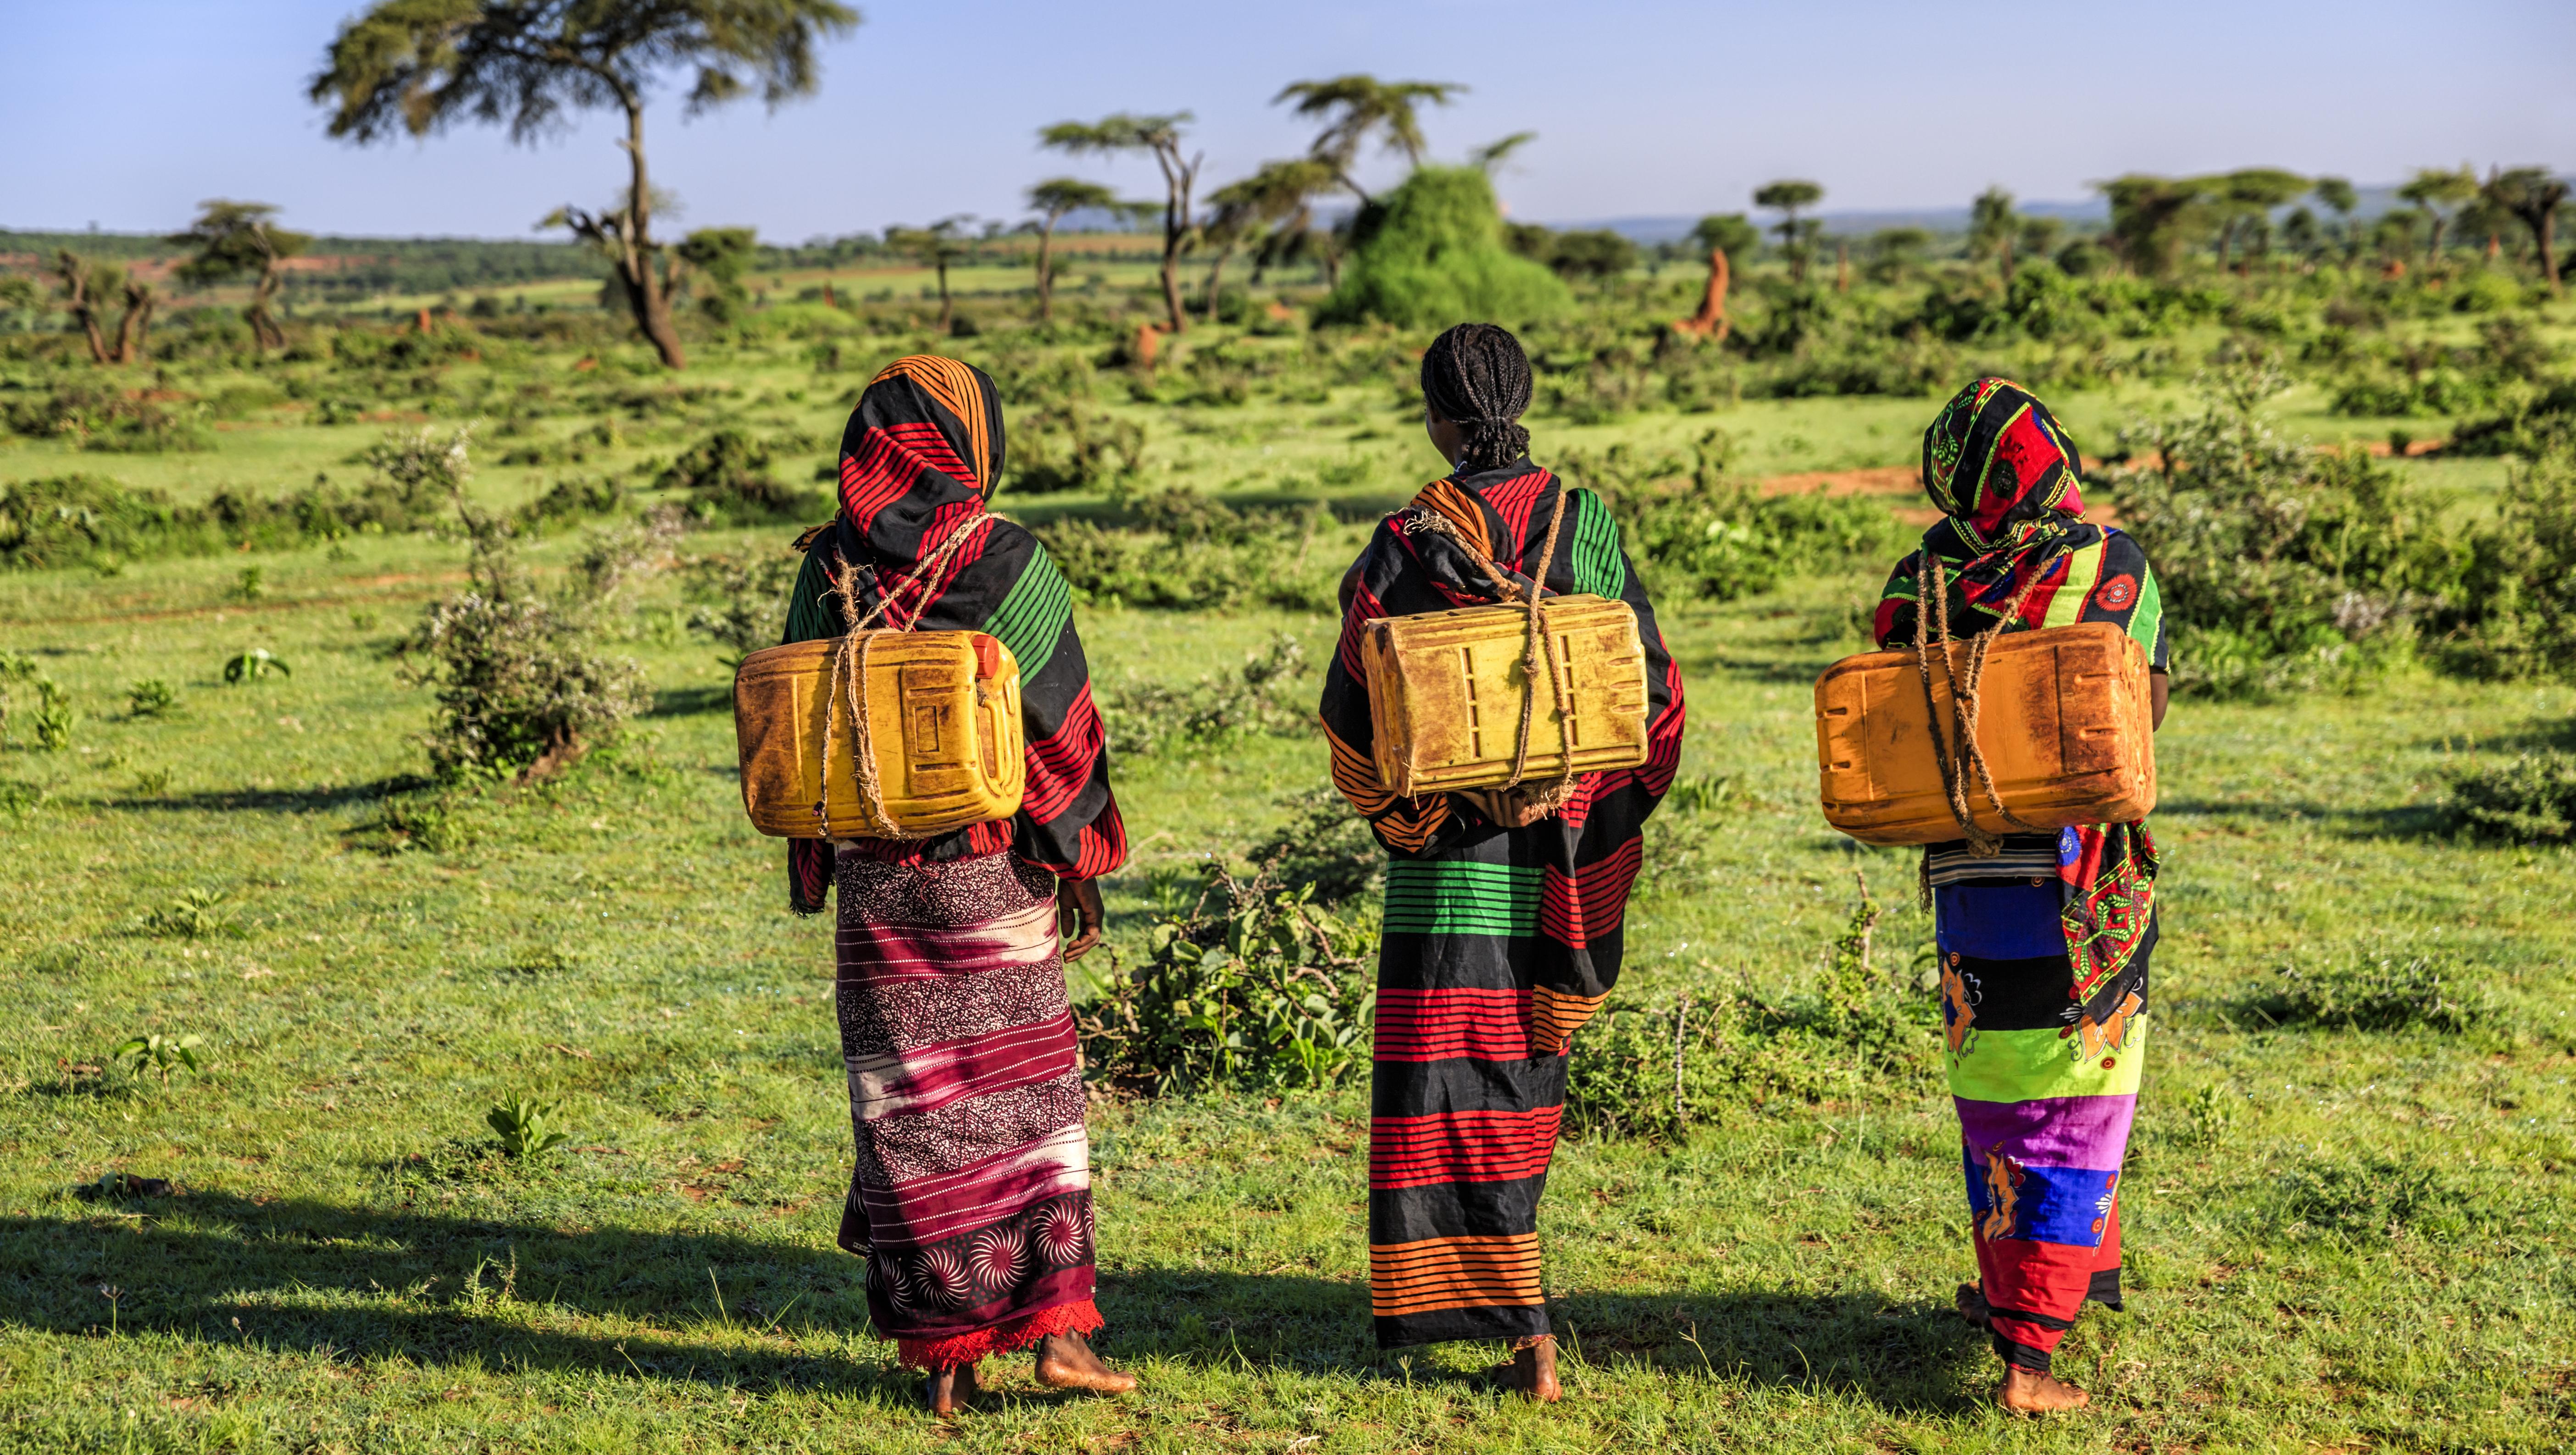 Three young women in rural Kenya carrying water whole walking.